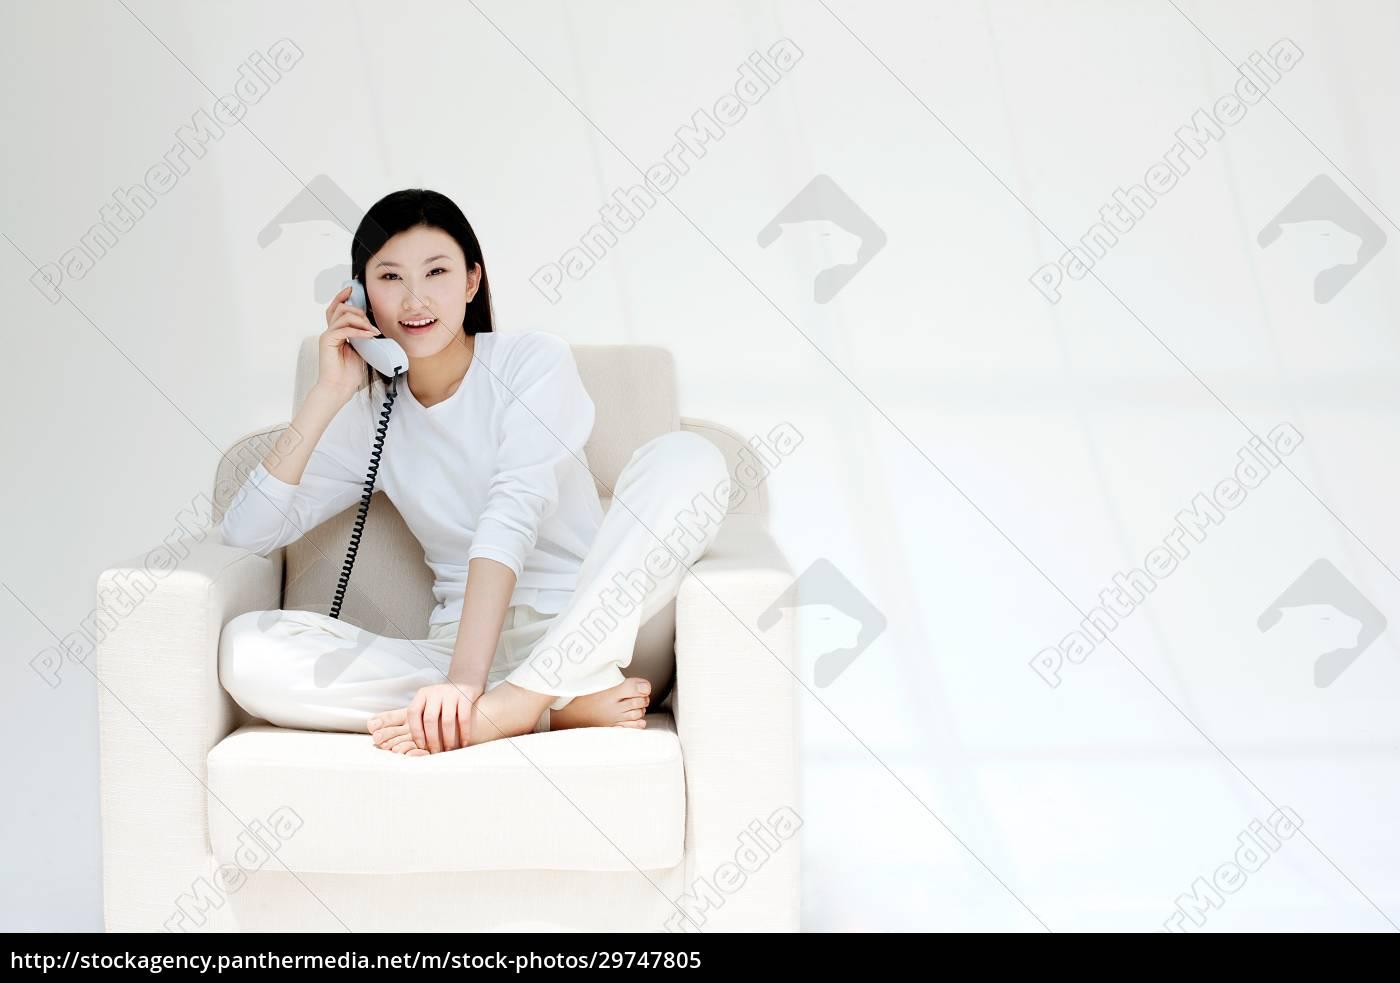 happy, home, life - 29747805